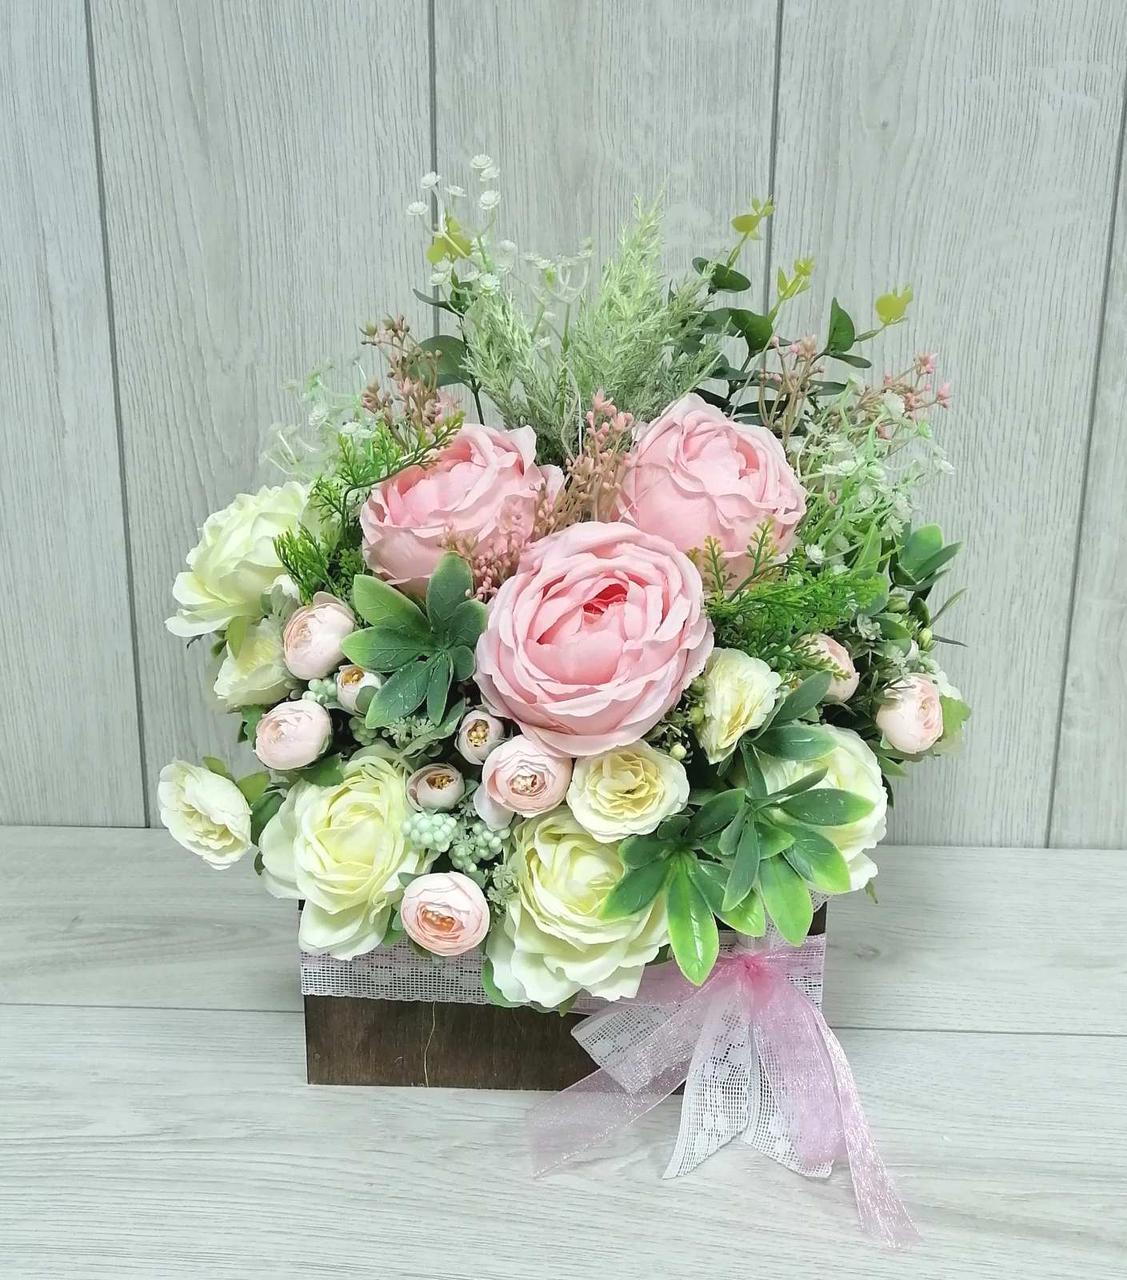 Композиция из цветов Волинськi вiзерунки в деревянном конверте